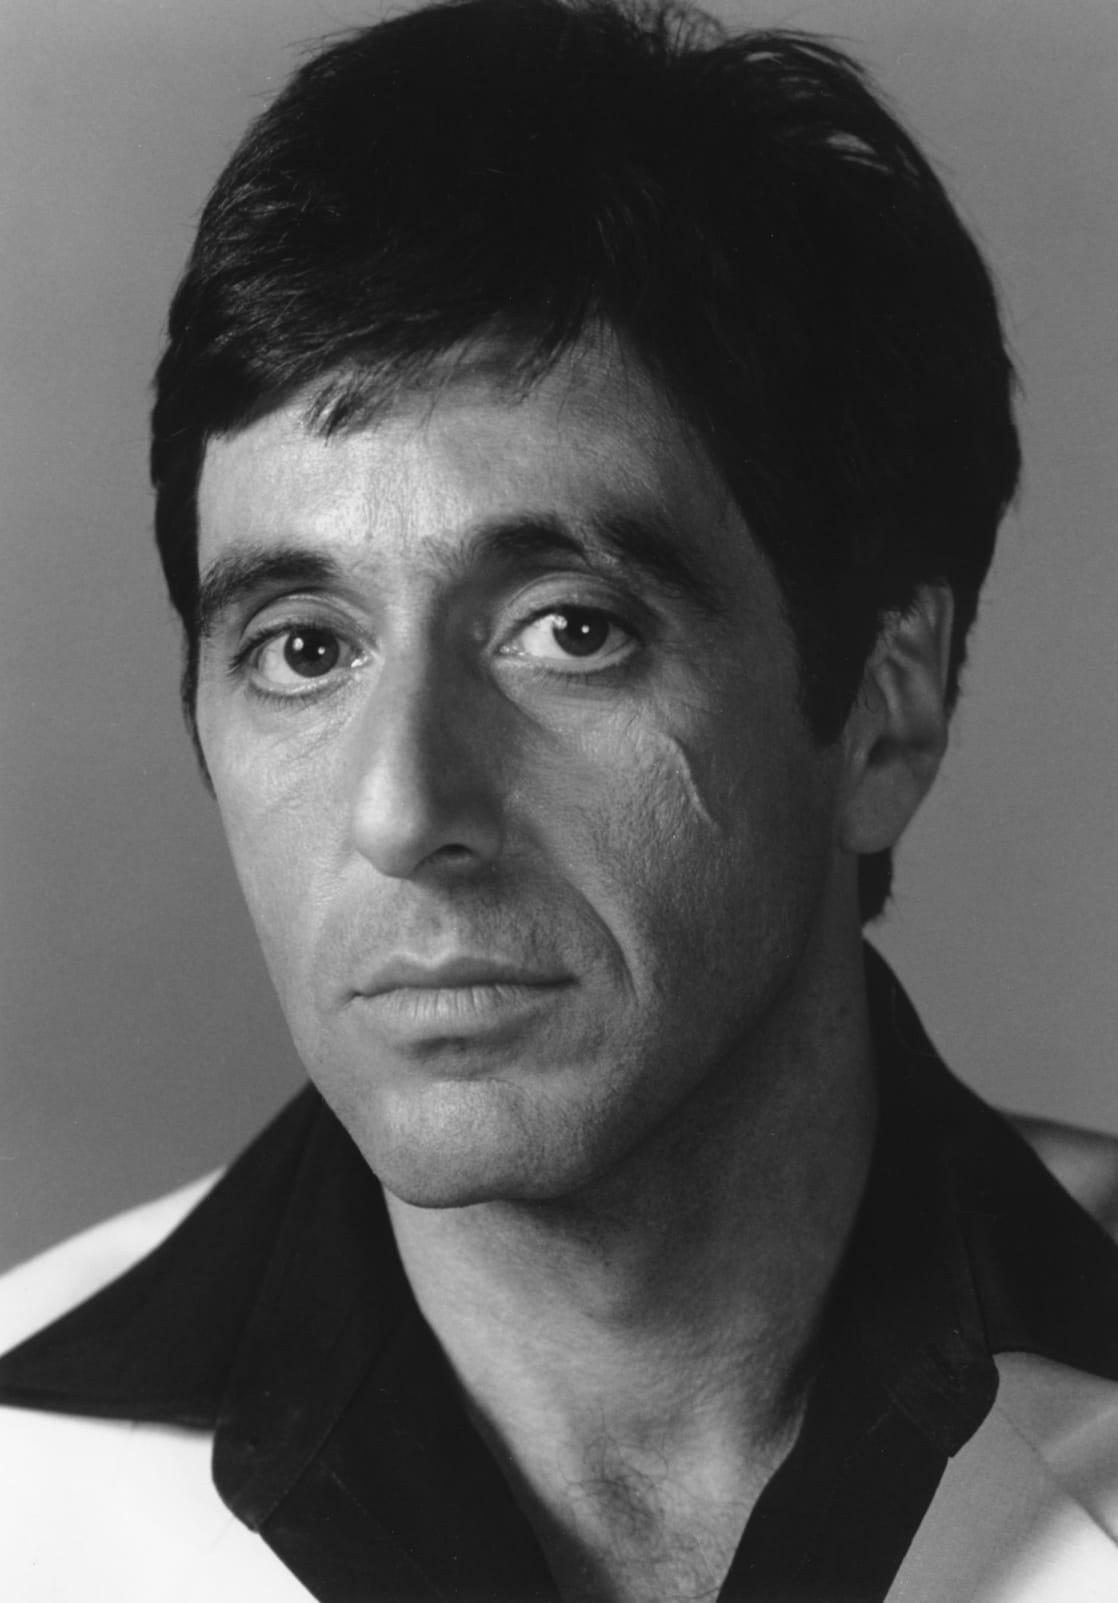 Al Pacino | Discography | Discogs